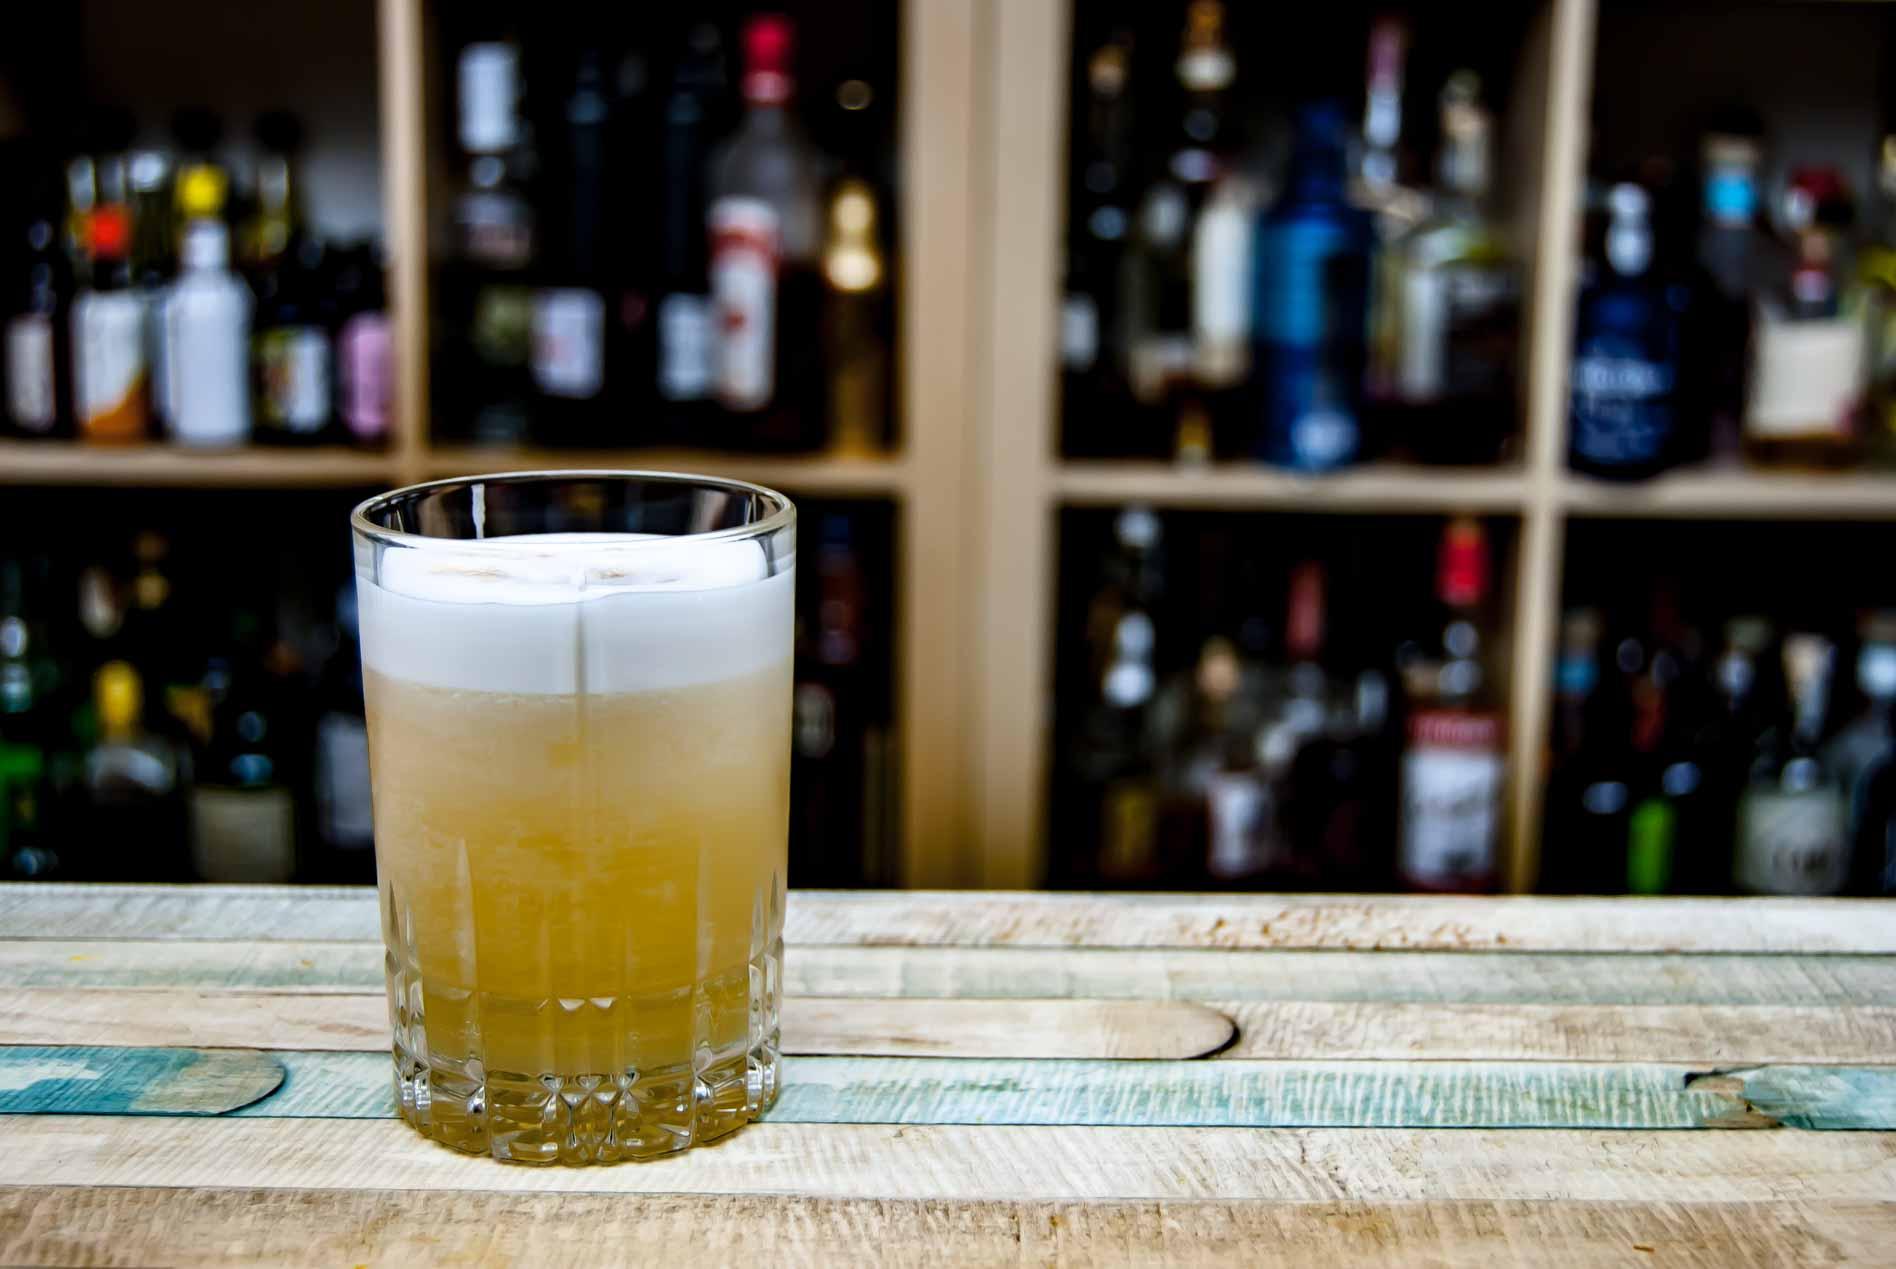 Pisco Sours lassen sich in speziellen Pisco-Gläsern, Highball-Gläsern oder kleinen Tumblern mixen.